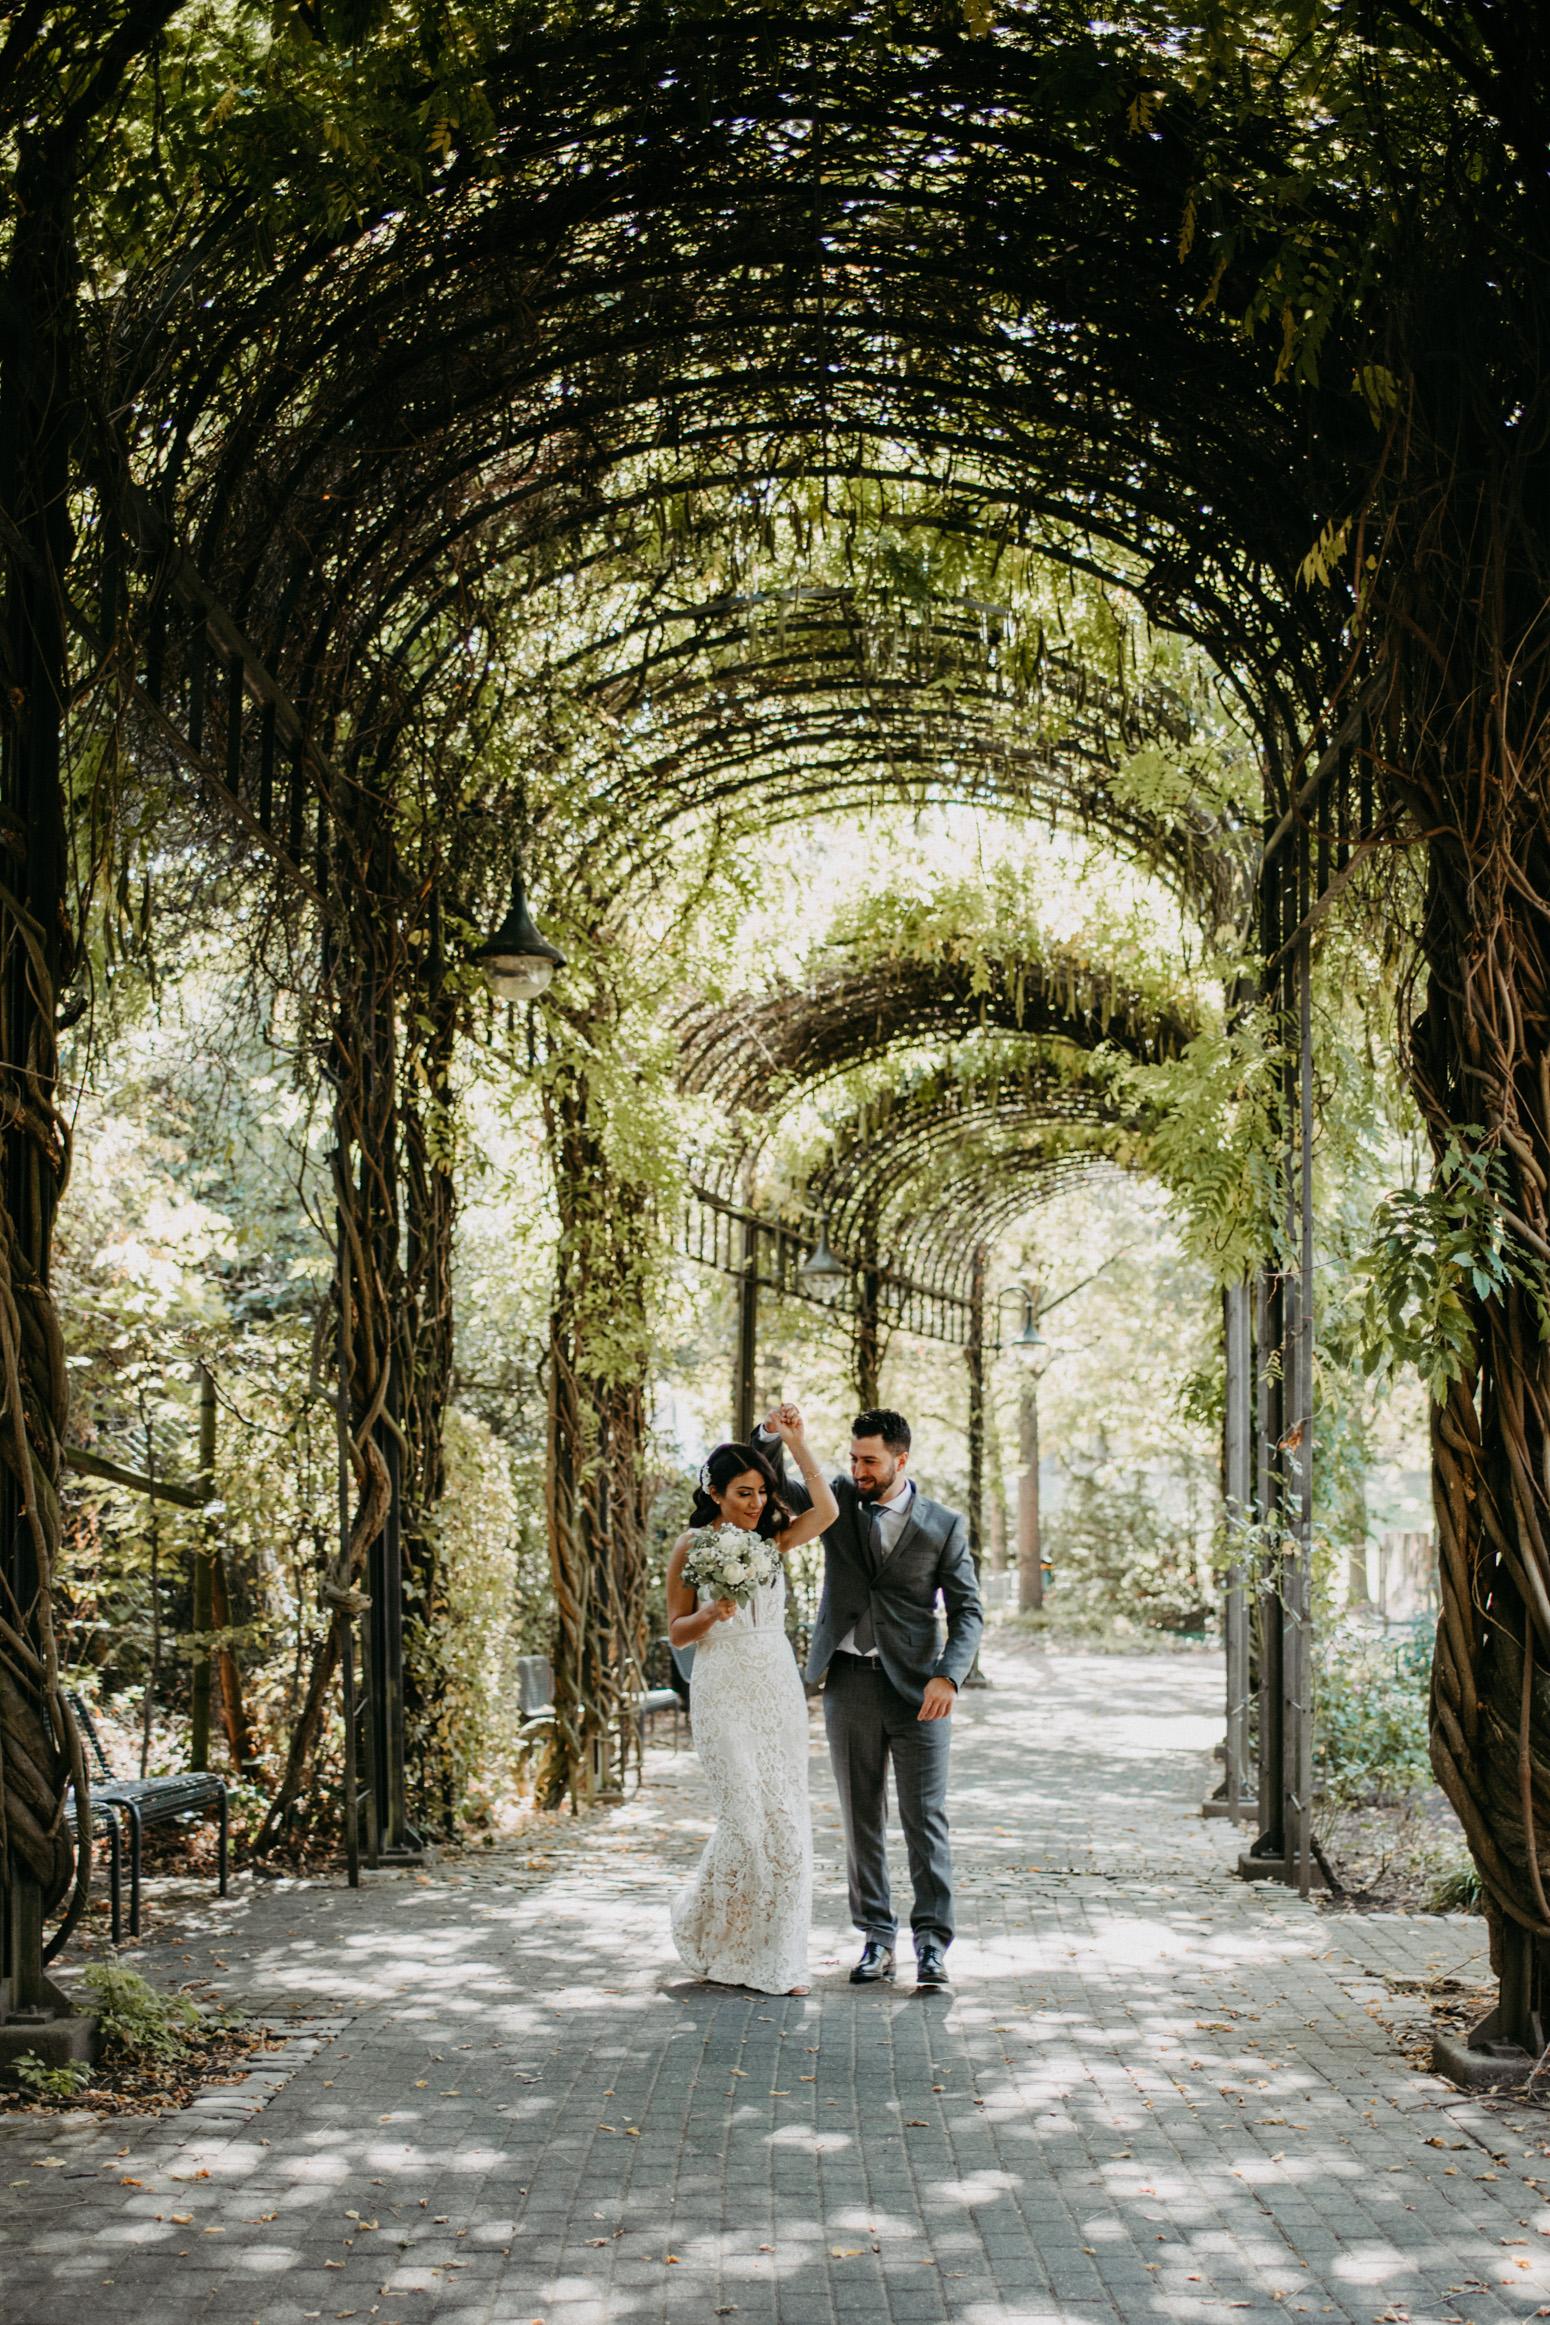 tanzendes Brautpaar im Park am Schloss Broich in Mülheim an der Ruhr, Foto von Genuine Bonds, Daria Becker